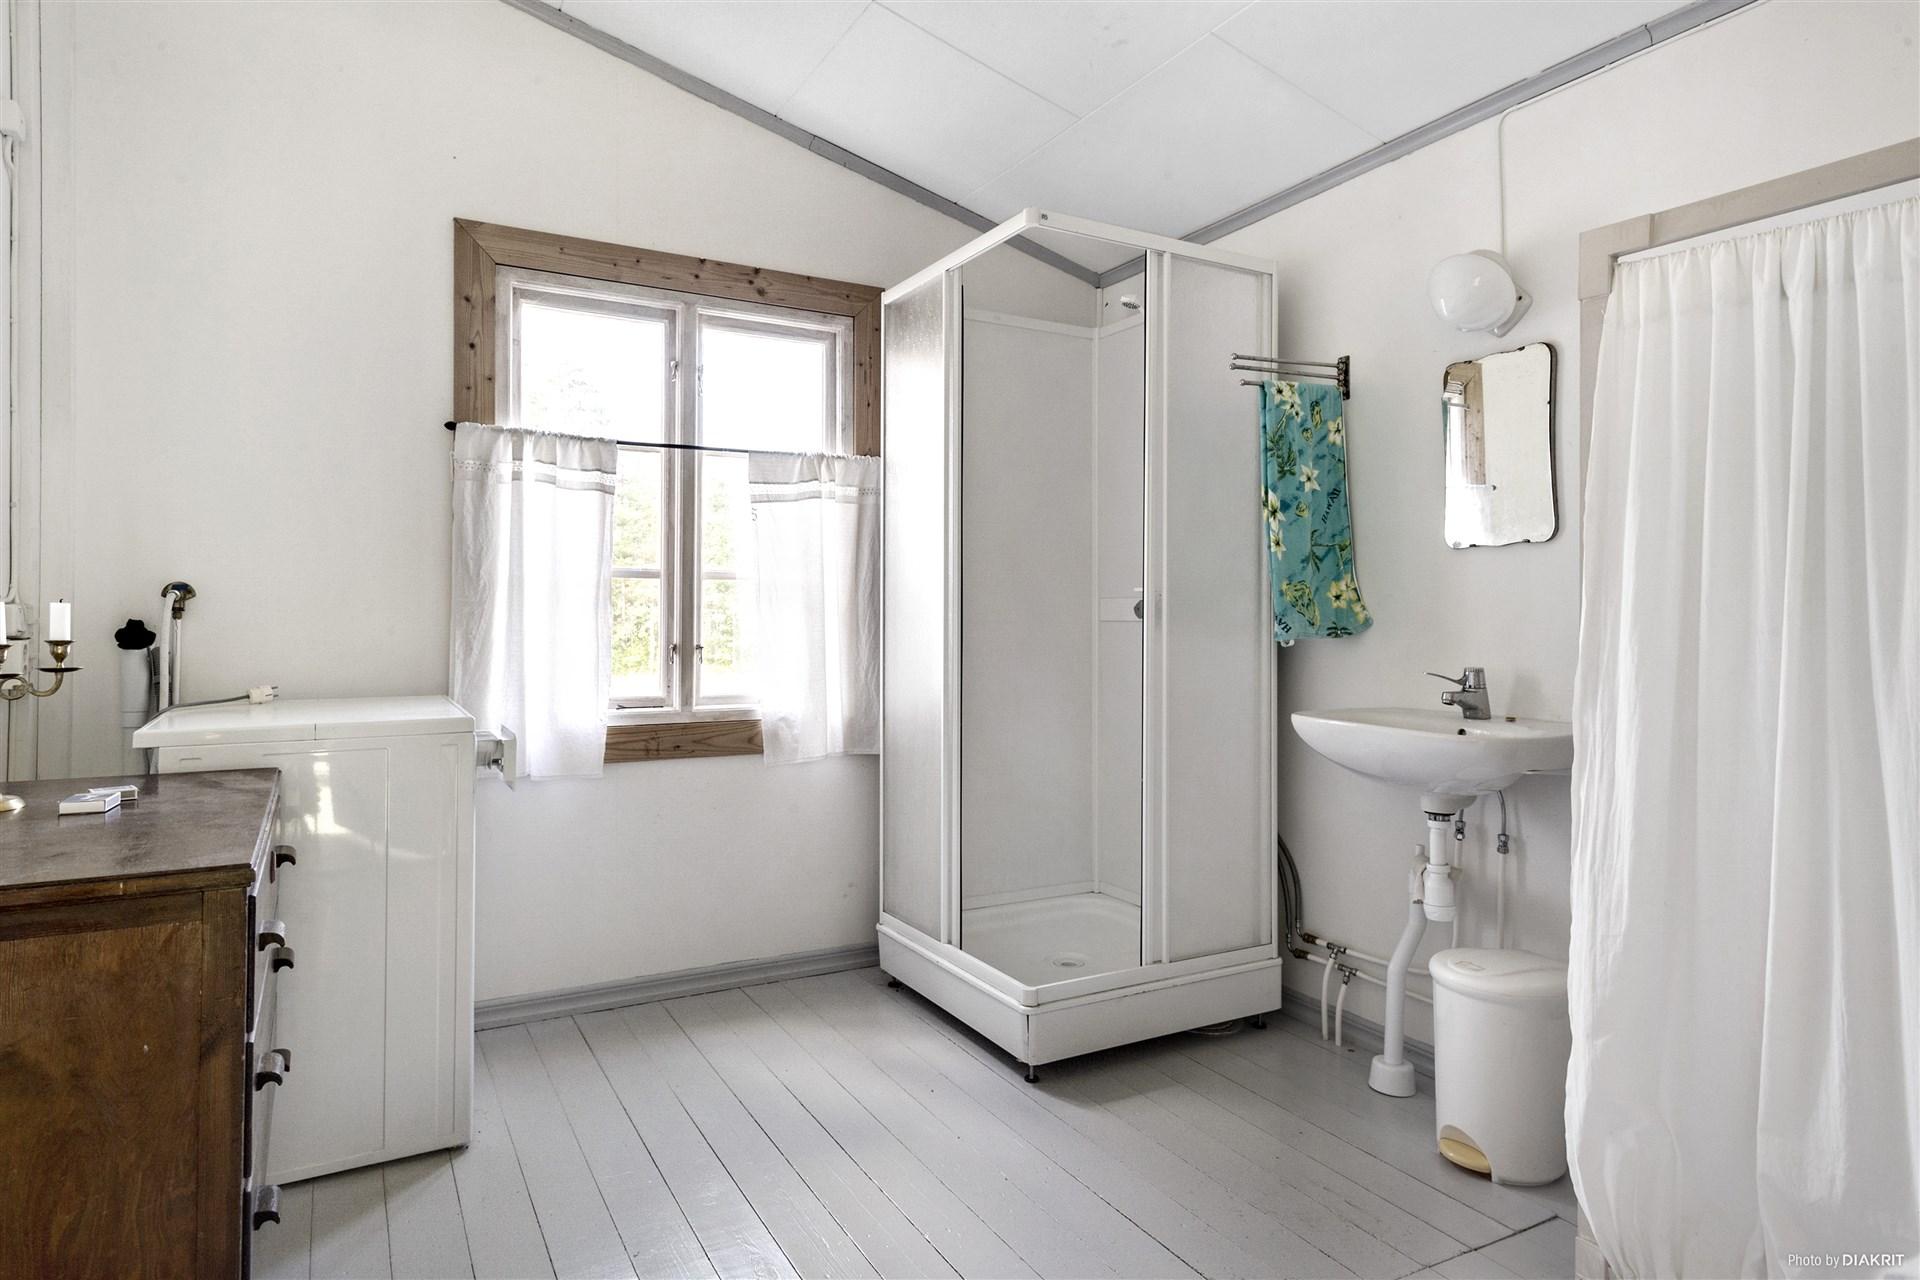 Duschrum med duschkabin, tvättställ och tvättmasin